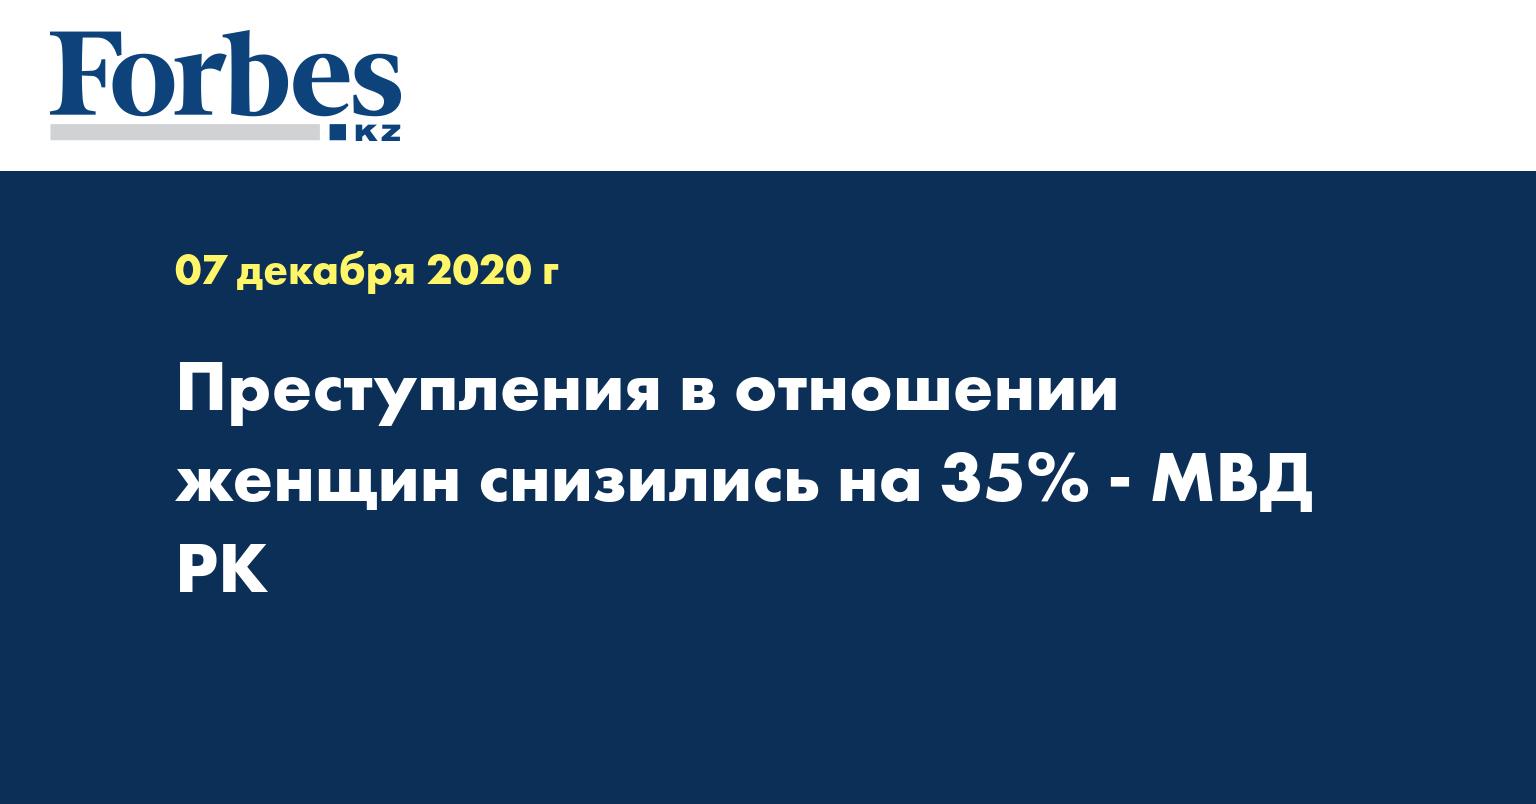 Преступления в отношении женщин снизились на 35% - МВД РК